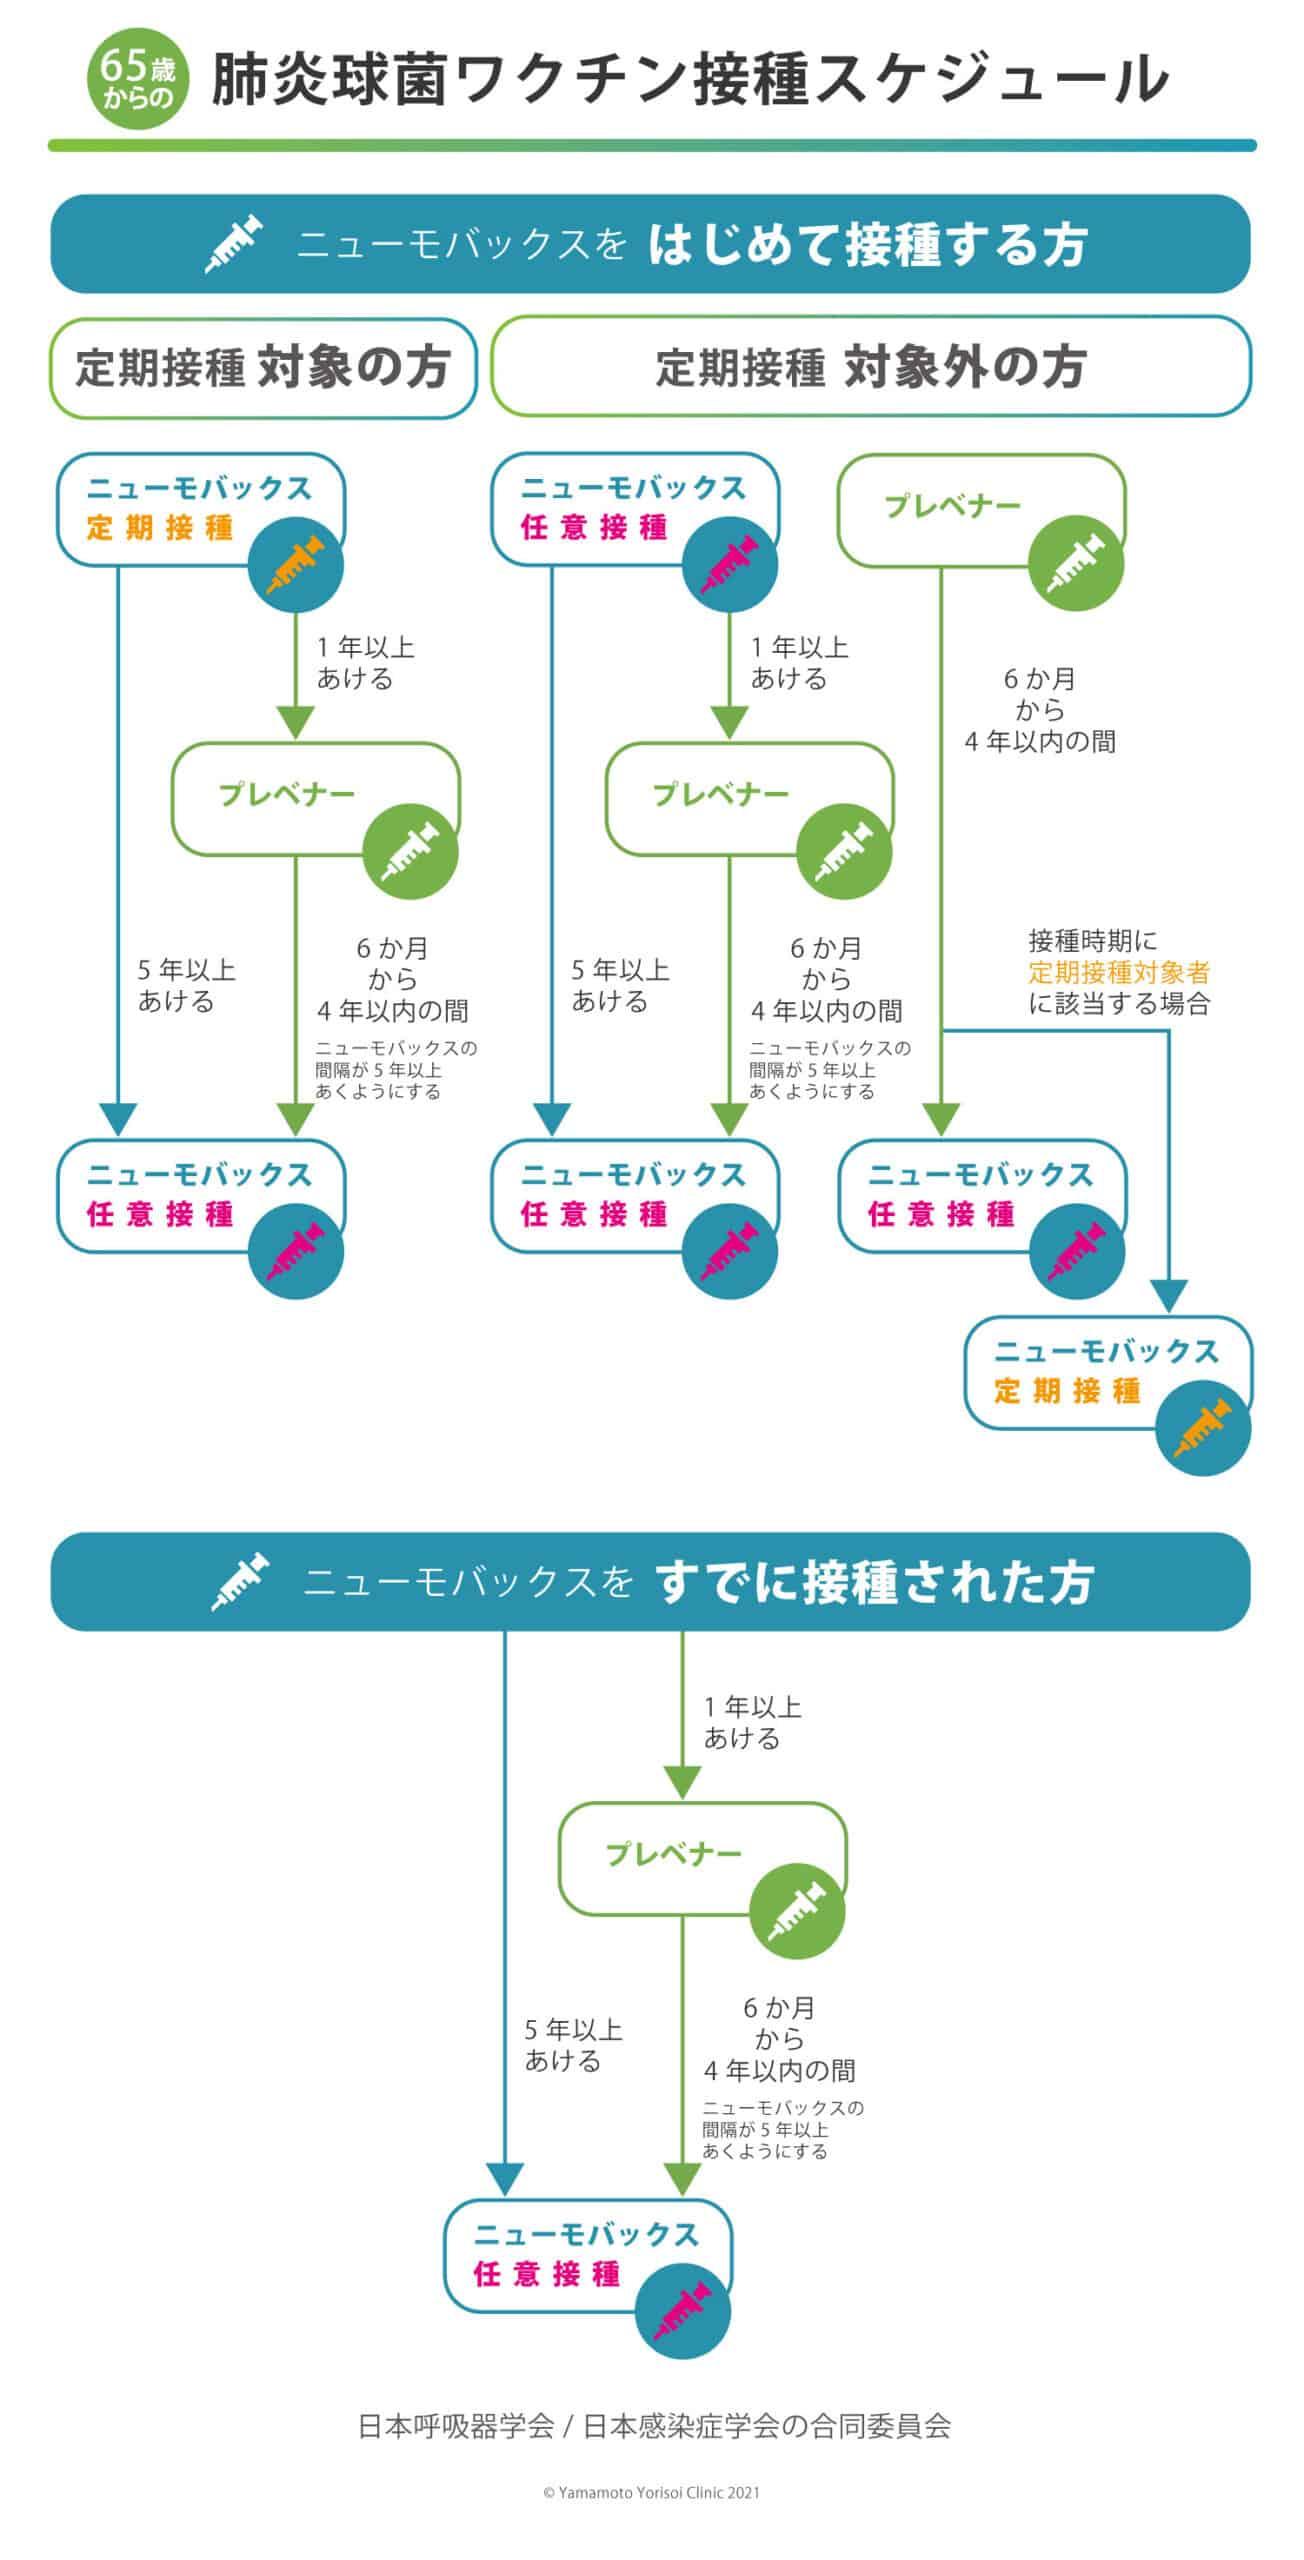 ワクチン接種スケジュールイメージ図